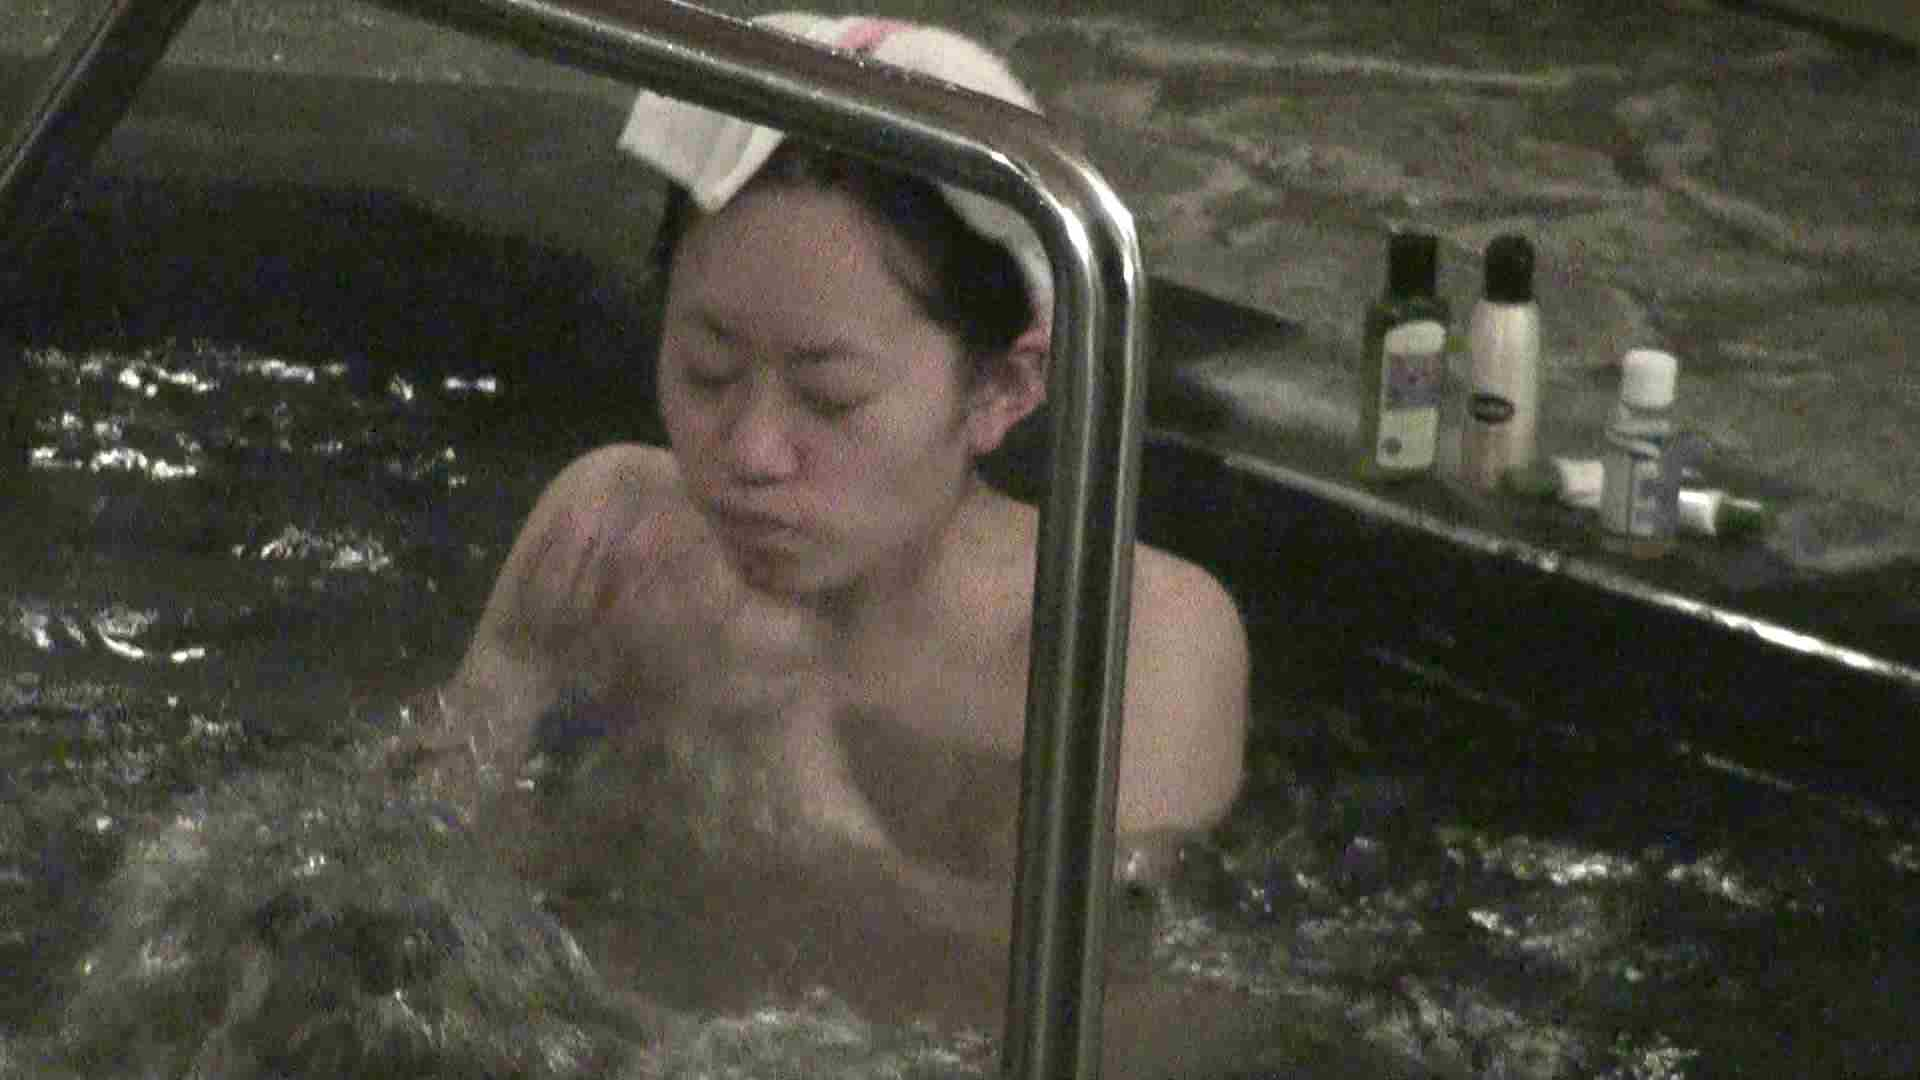 Aquaな露天風呂Vol.317 盗撮 | 露天  59枚 19